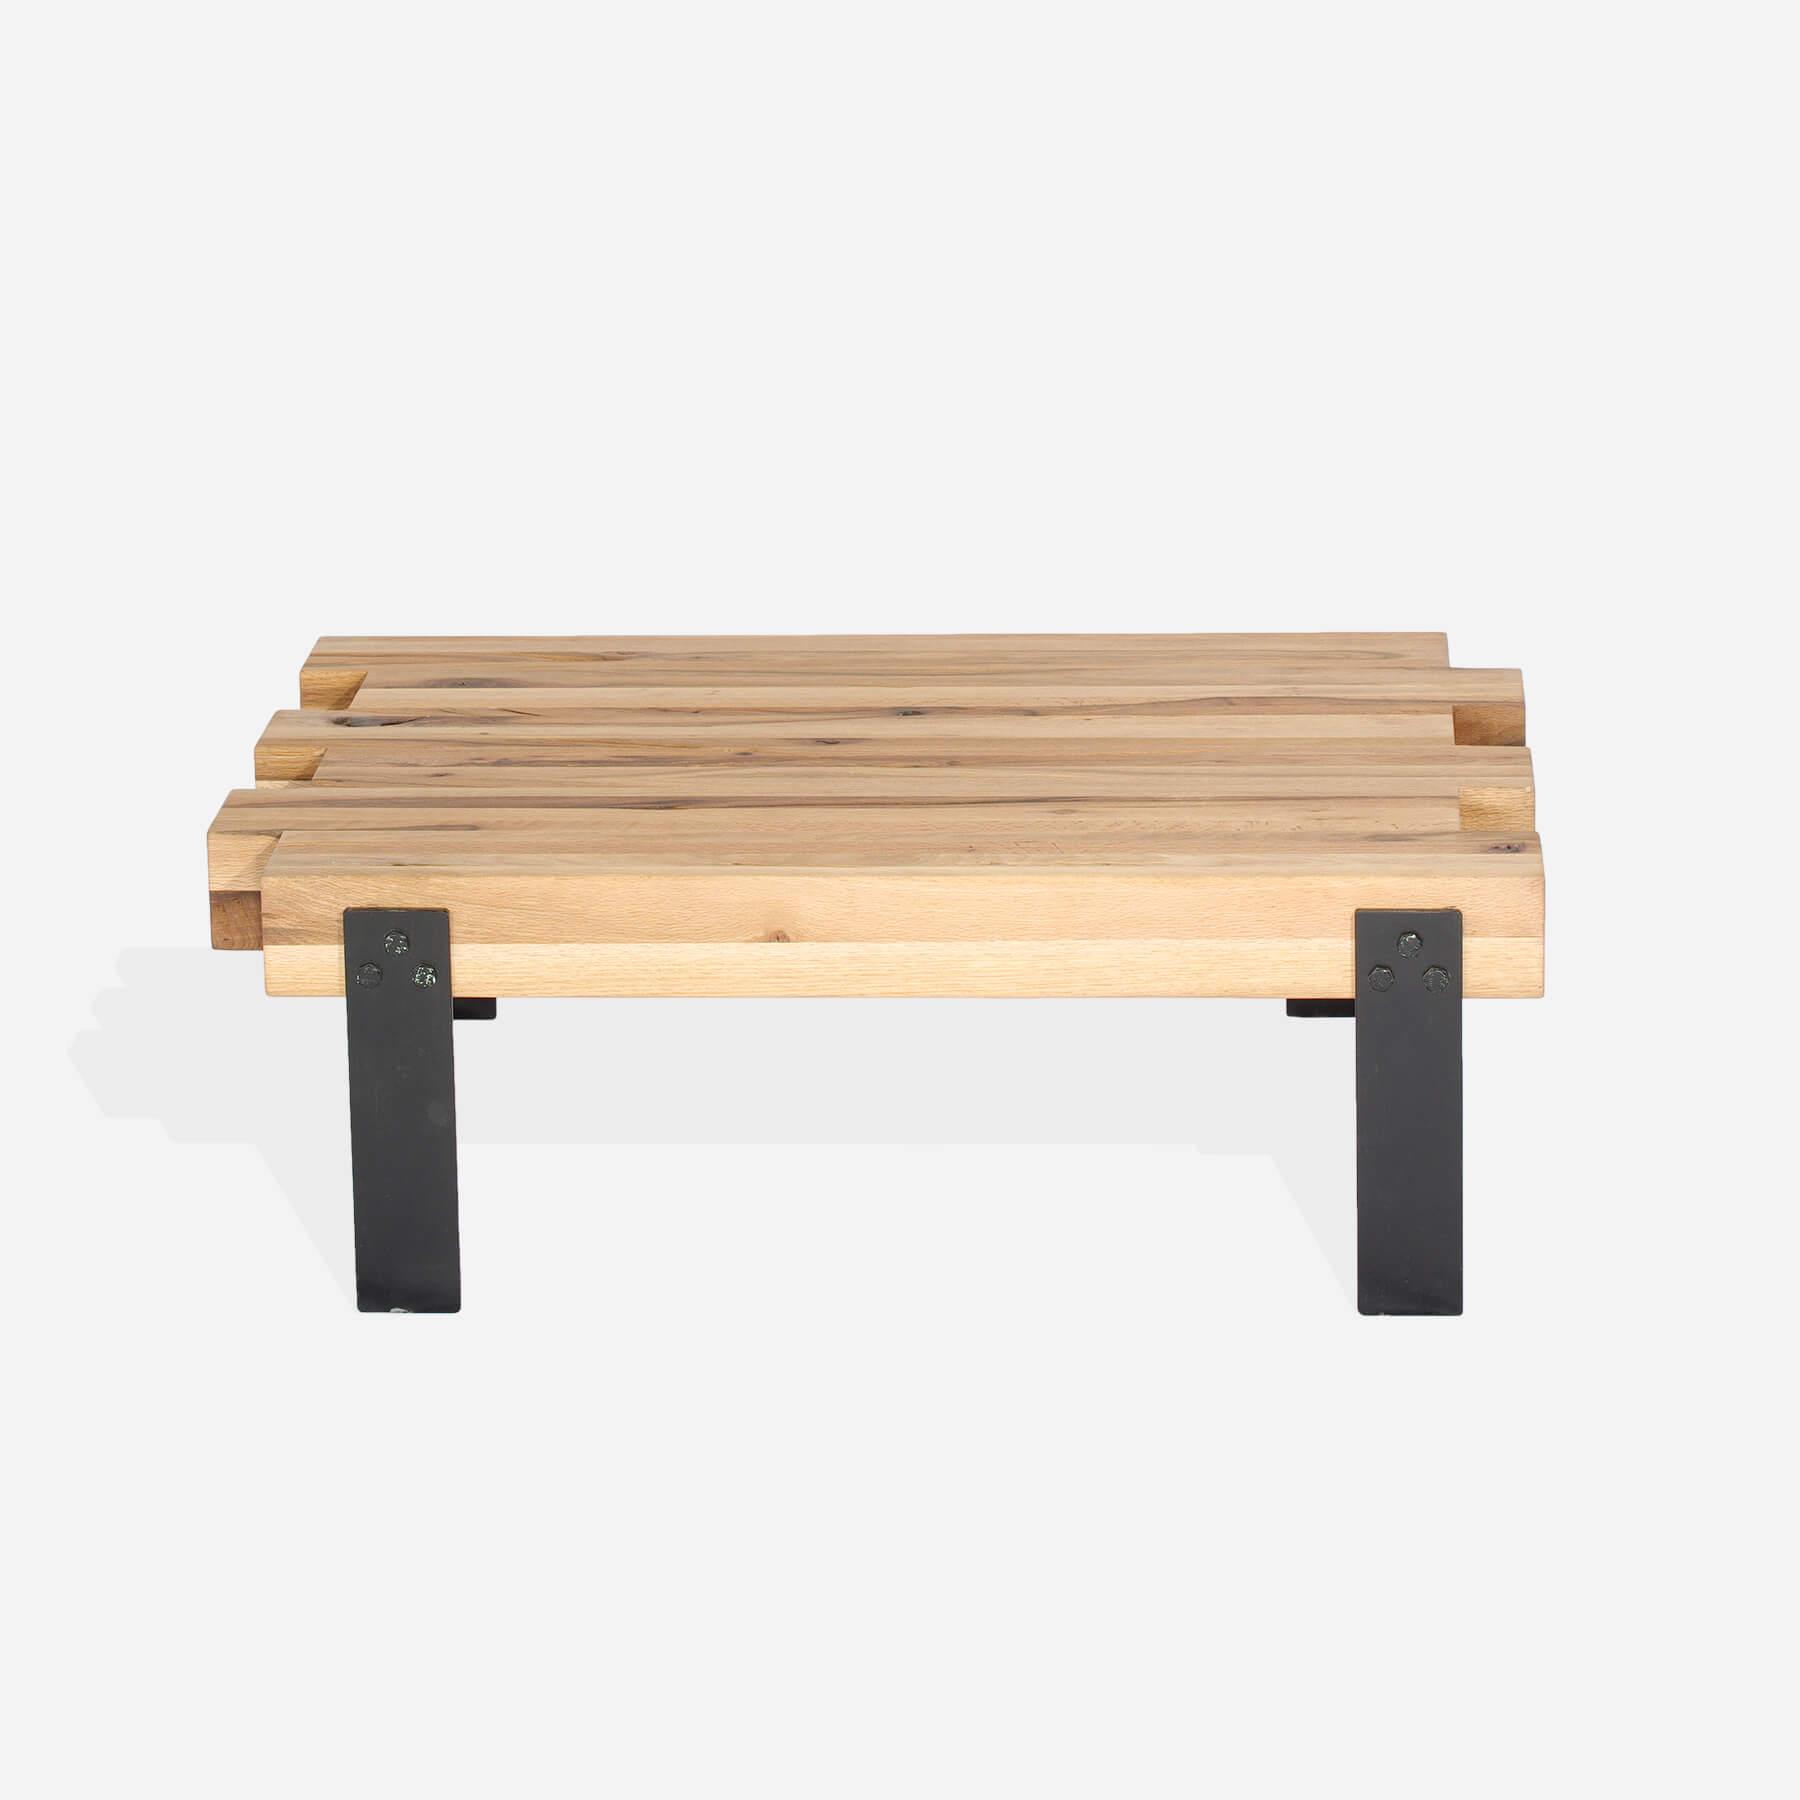 Masa de cafea din lemn de stejar salbatic, cu picioare metalice Koln, L120xl72xH40 cm